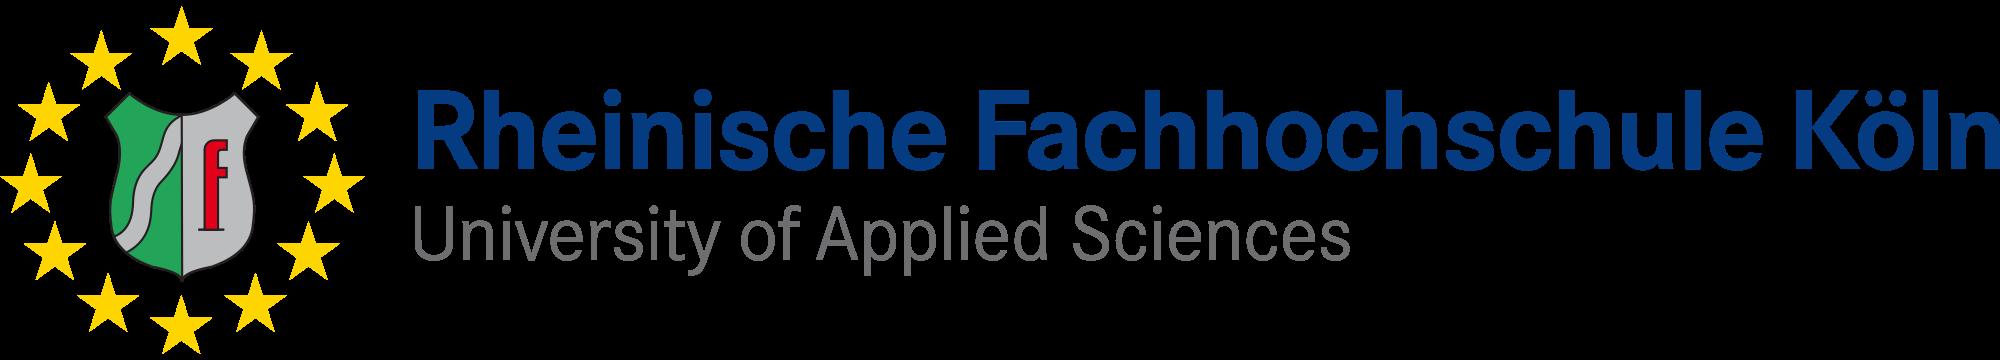 Rheinische Fachhochschule Köln (RFH)